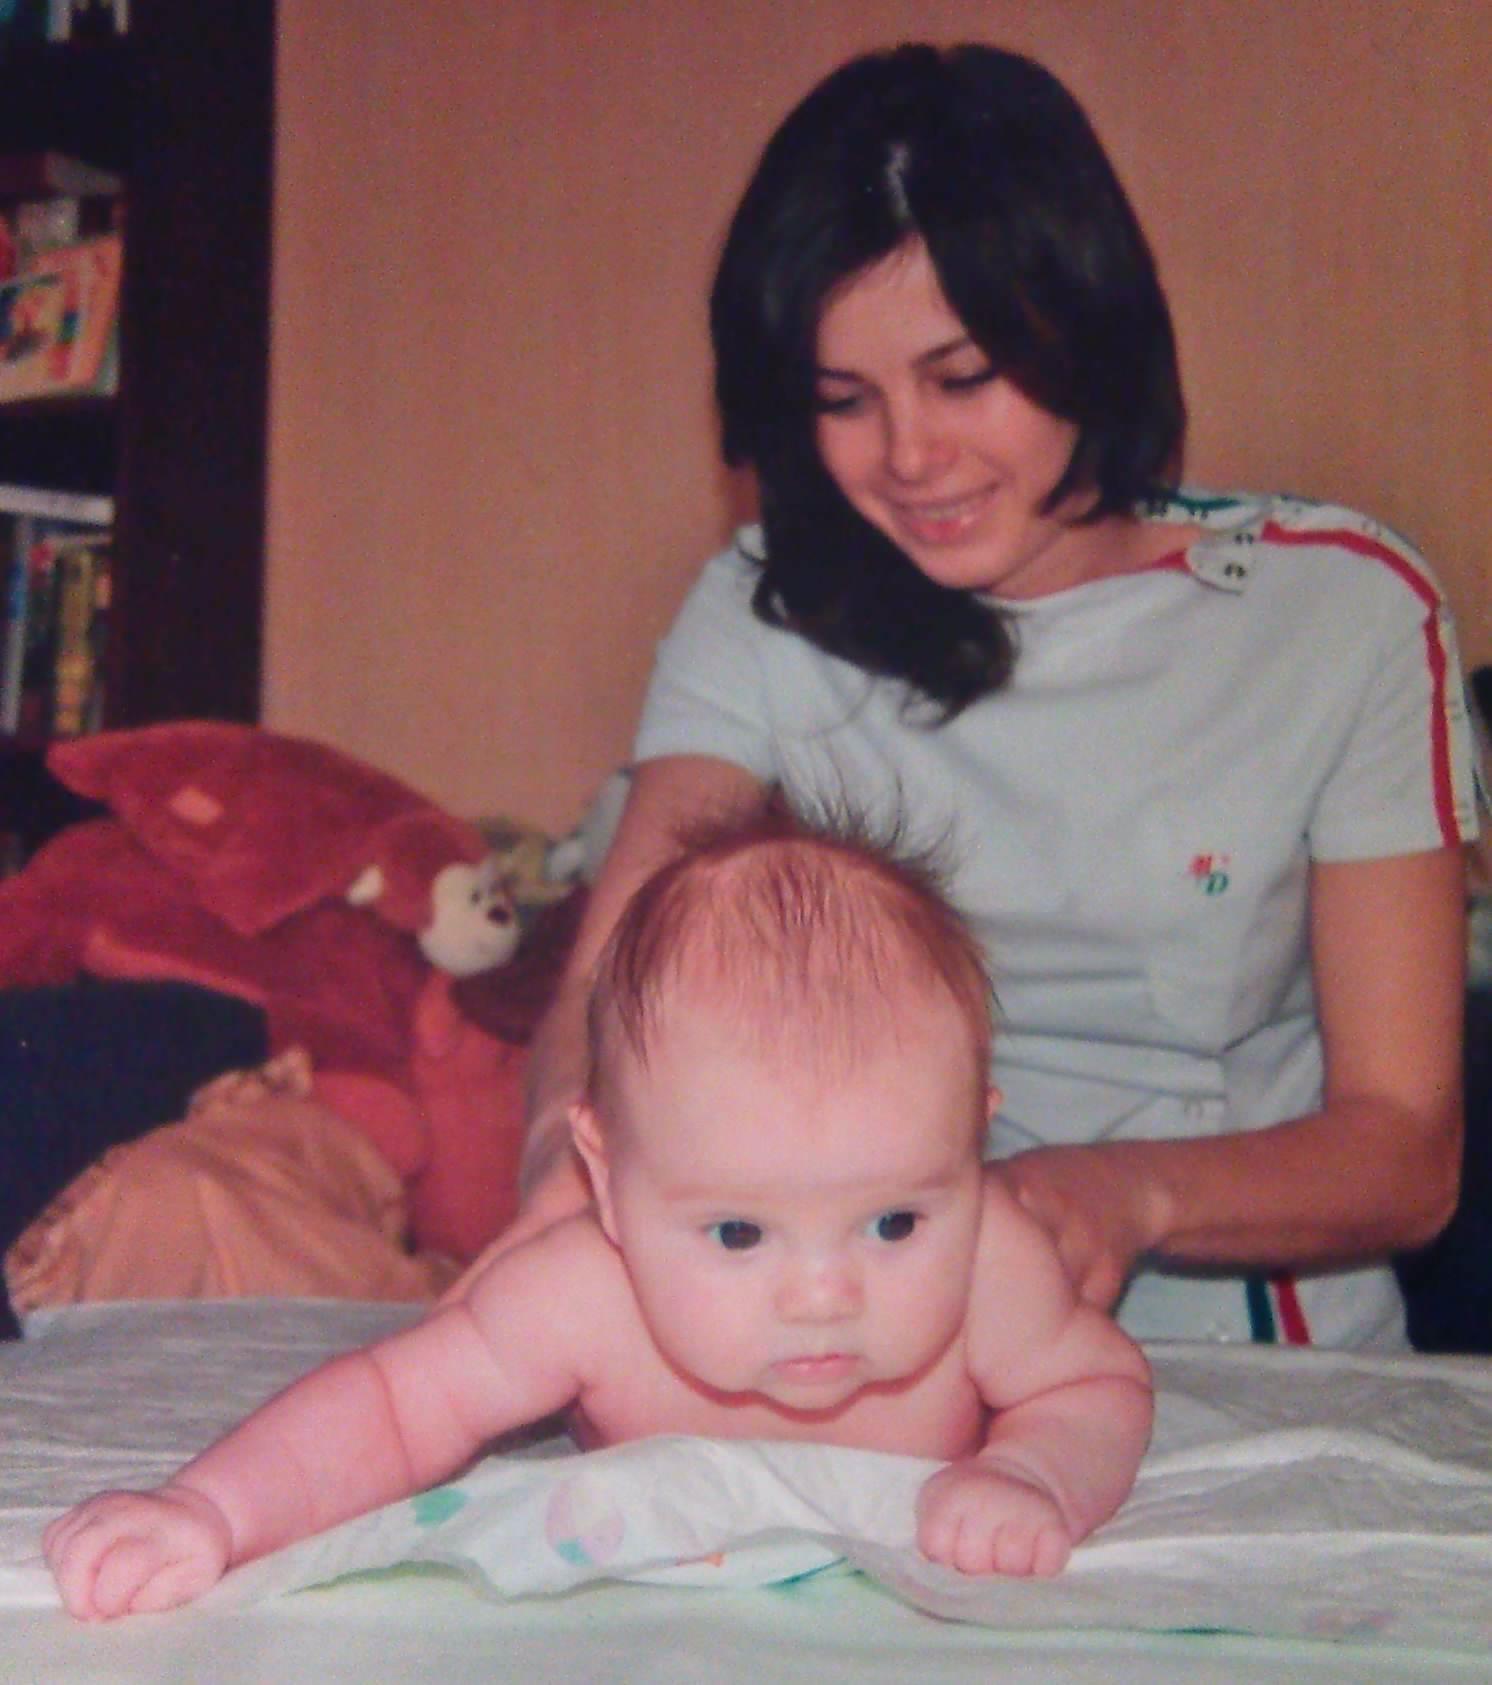 Массаж детский в Твери. Массаж на дому, массаж дети, массаж детей, массаж грудному ребенку, массаж ребенку, массаж до года